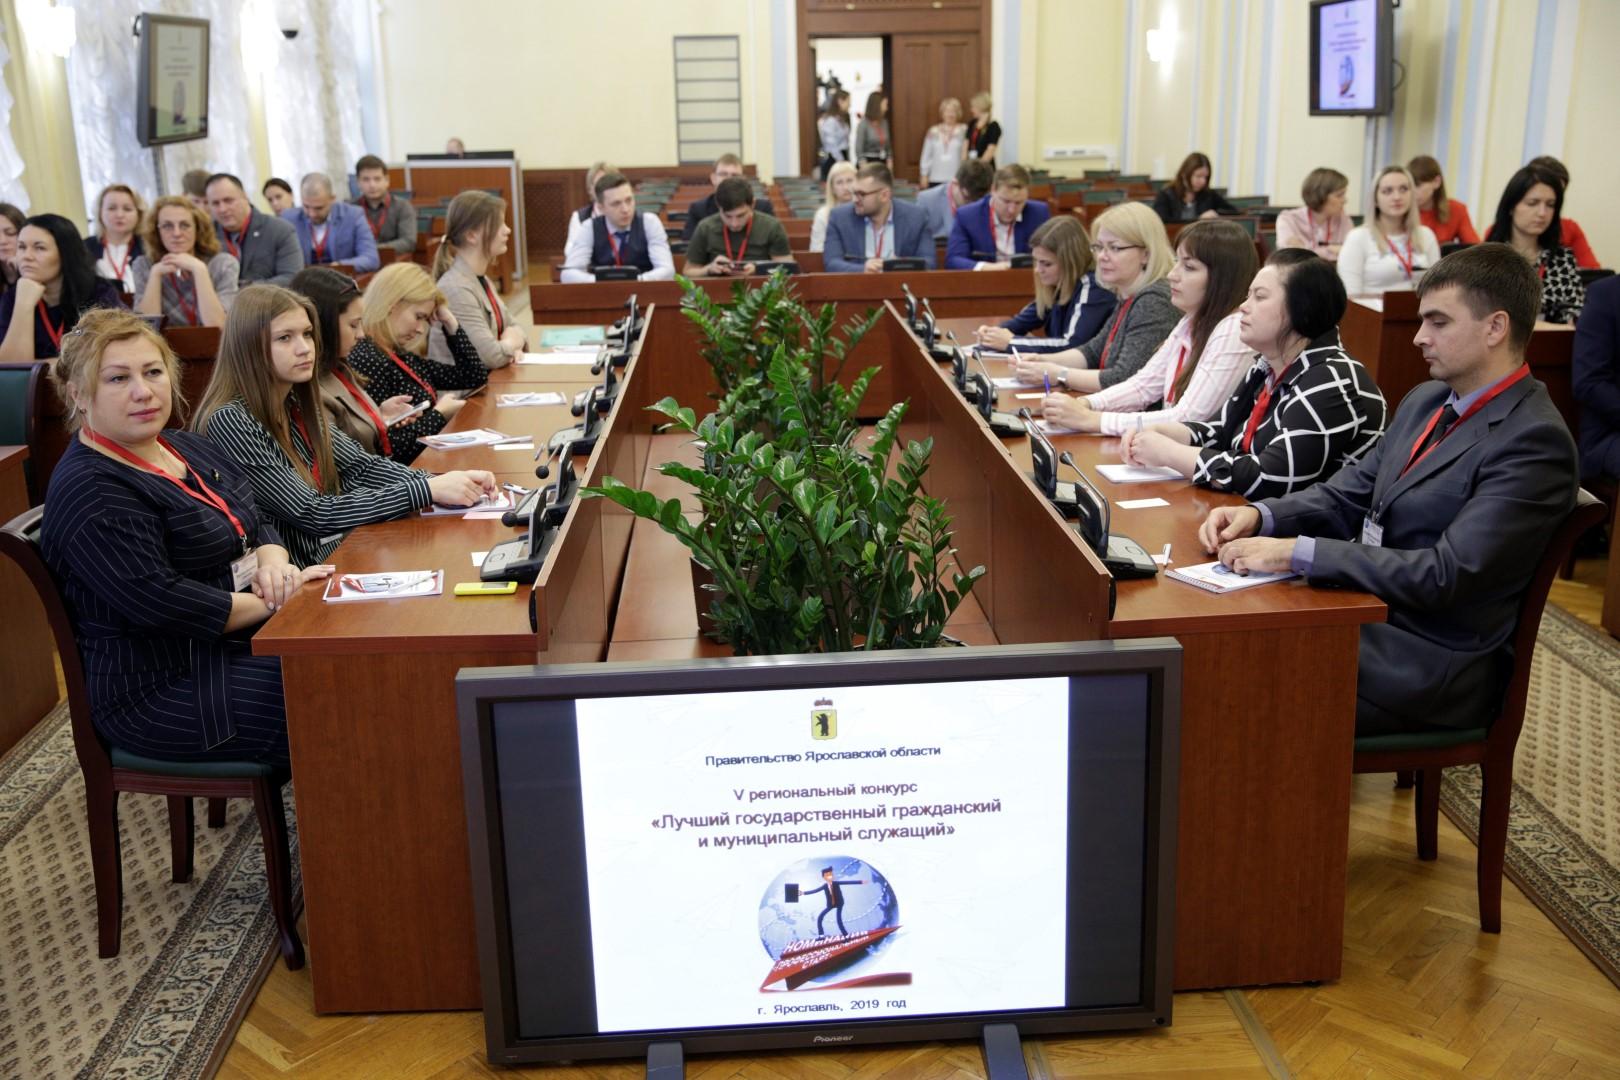 В Ярославской области определят лучших госслужащих